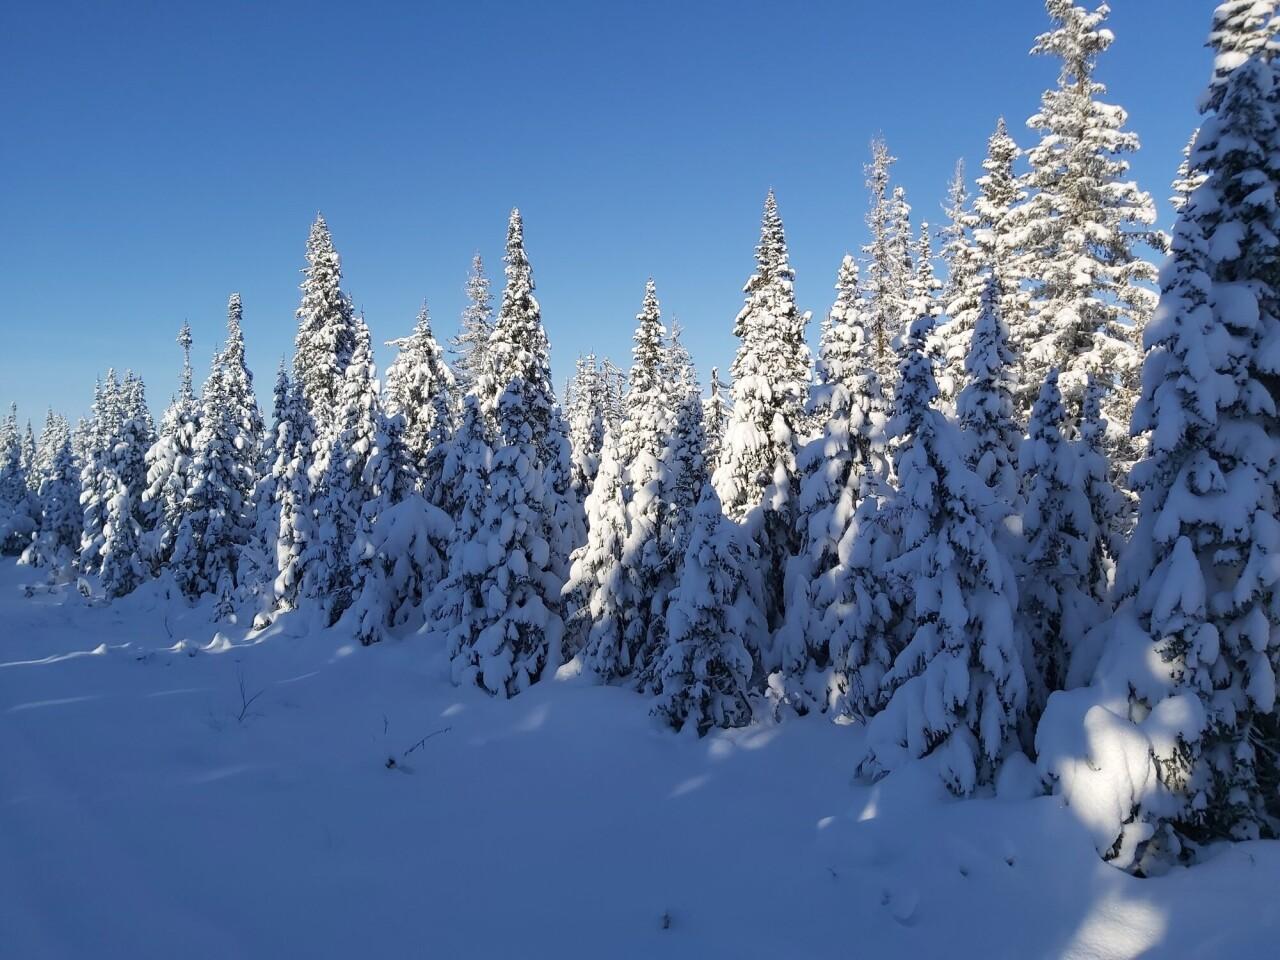 Номинант, 2021. Север, тайга, первый снег. Автор Василий